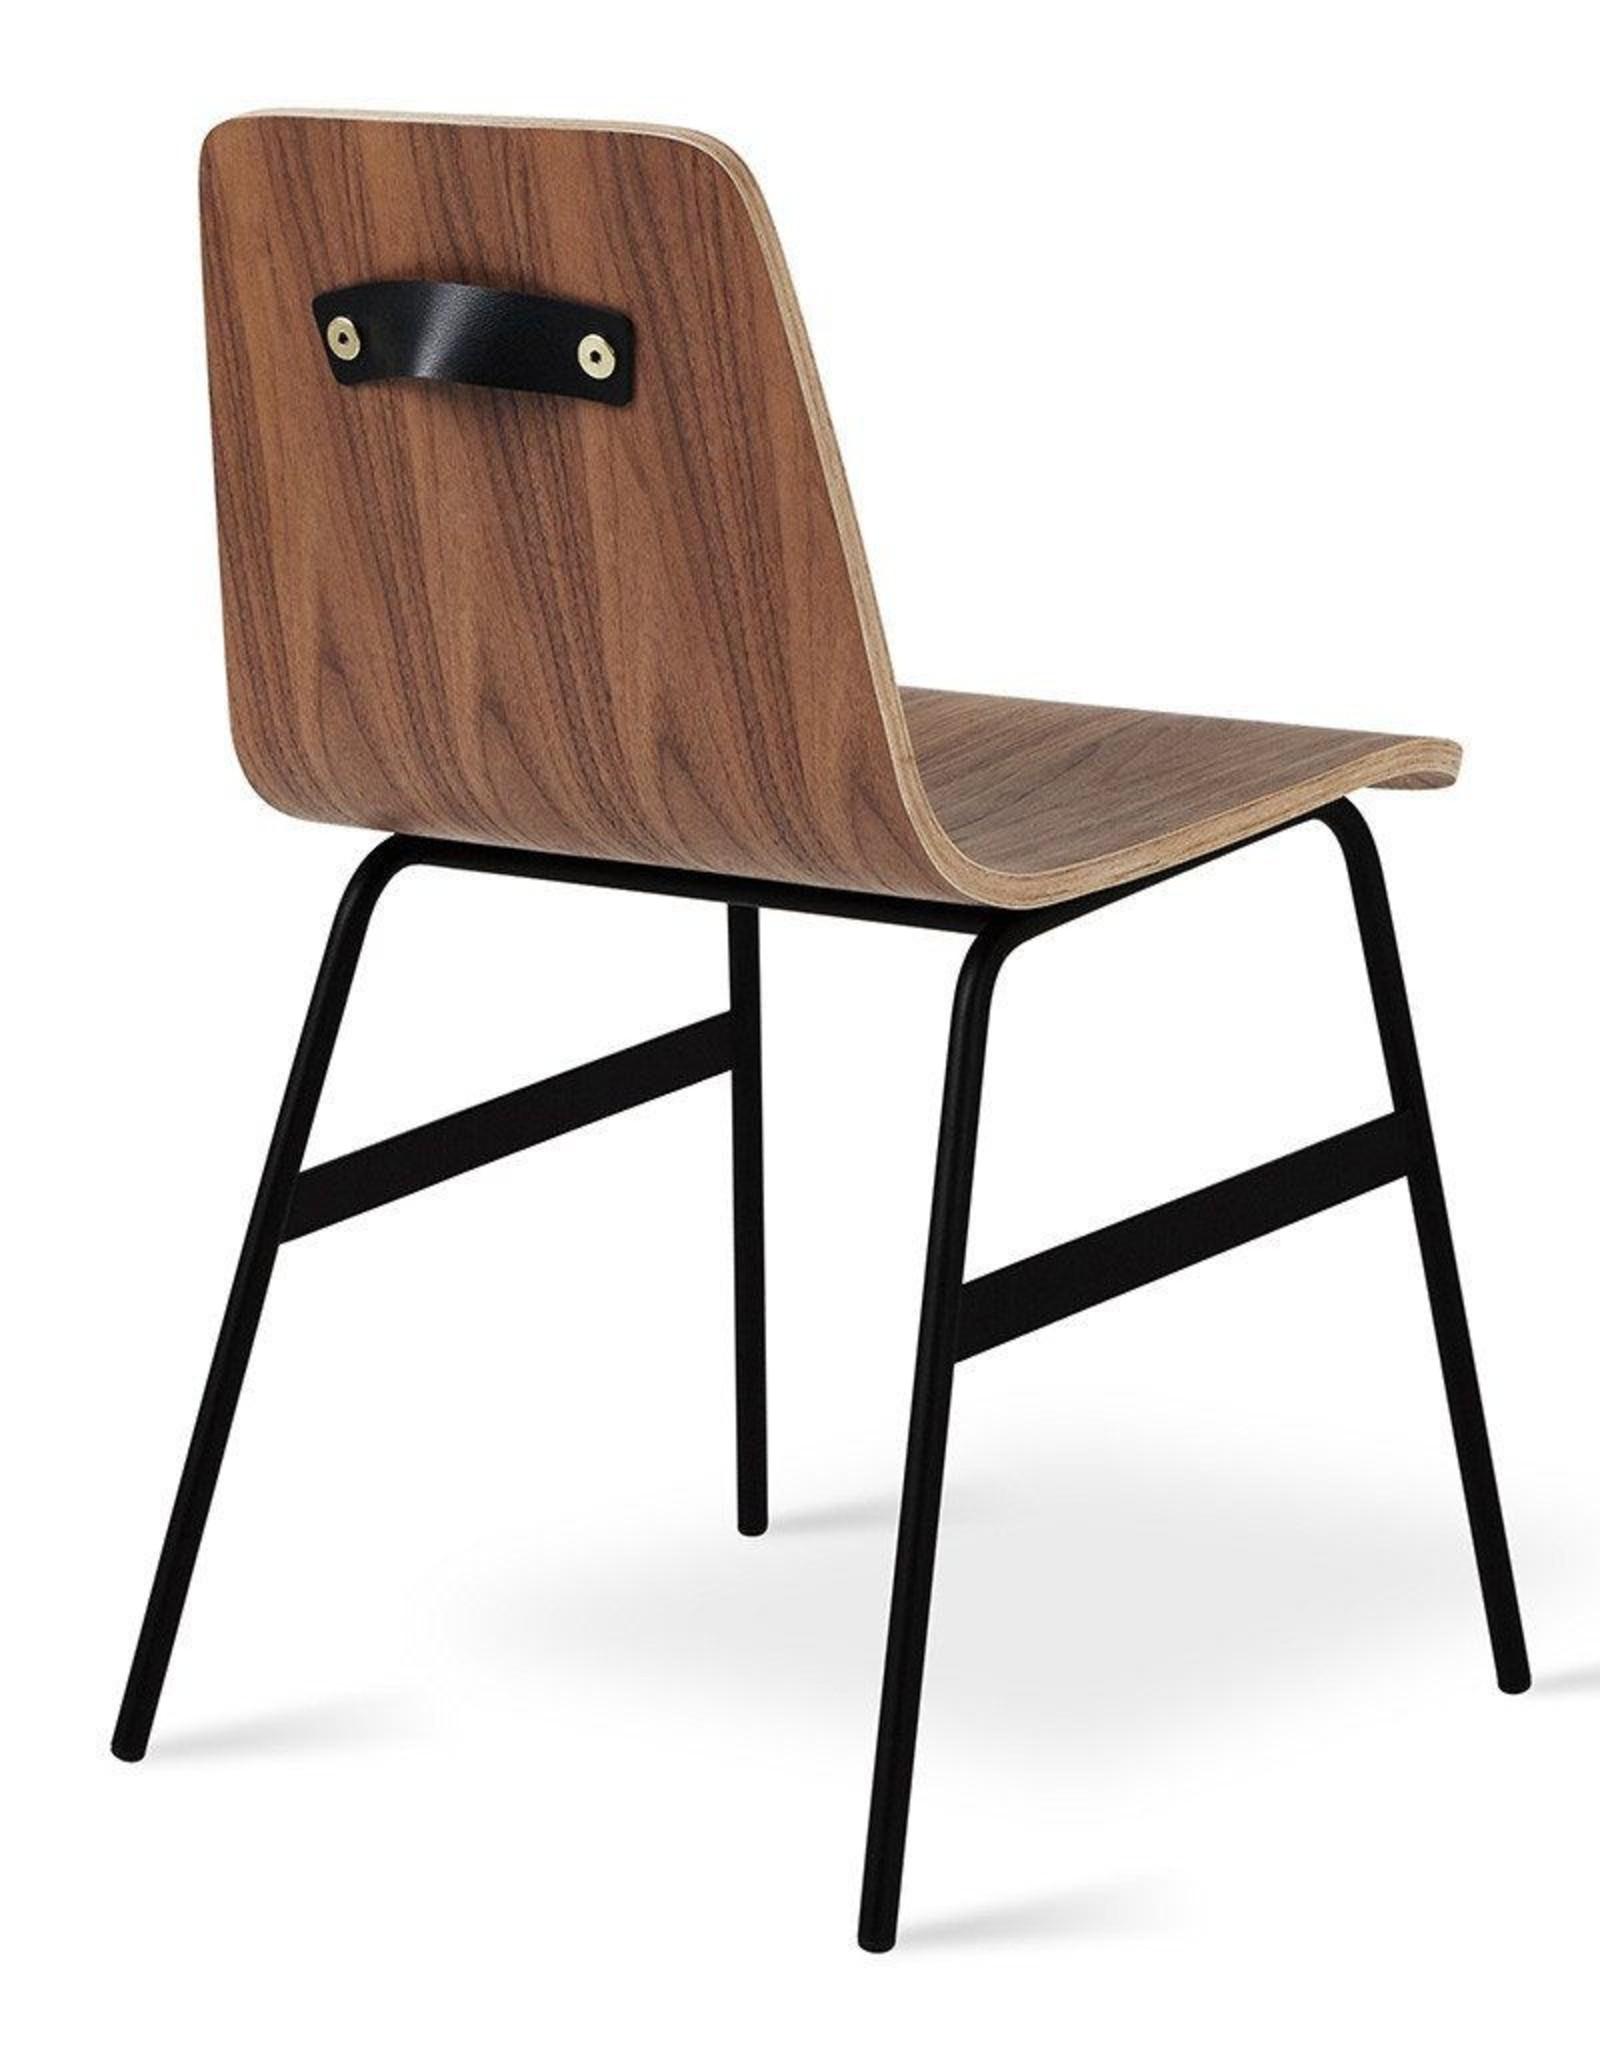 Gus* Modern Lecture Chair